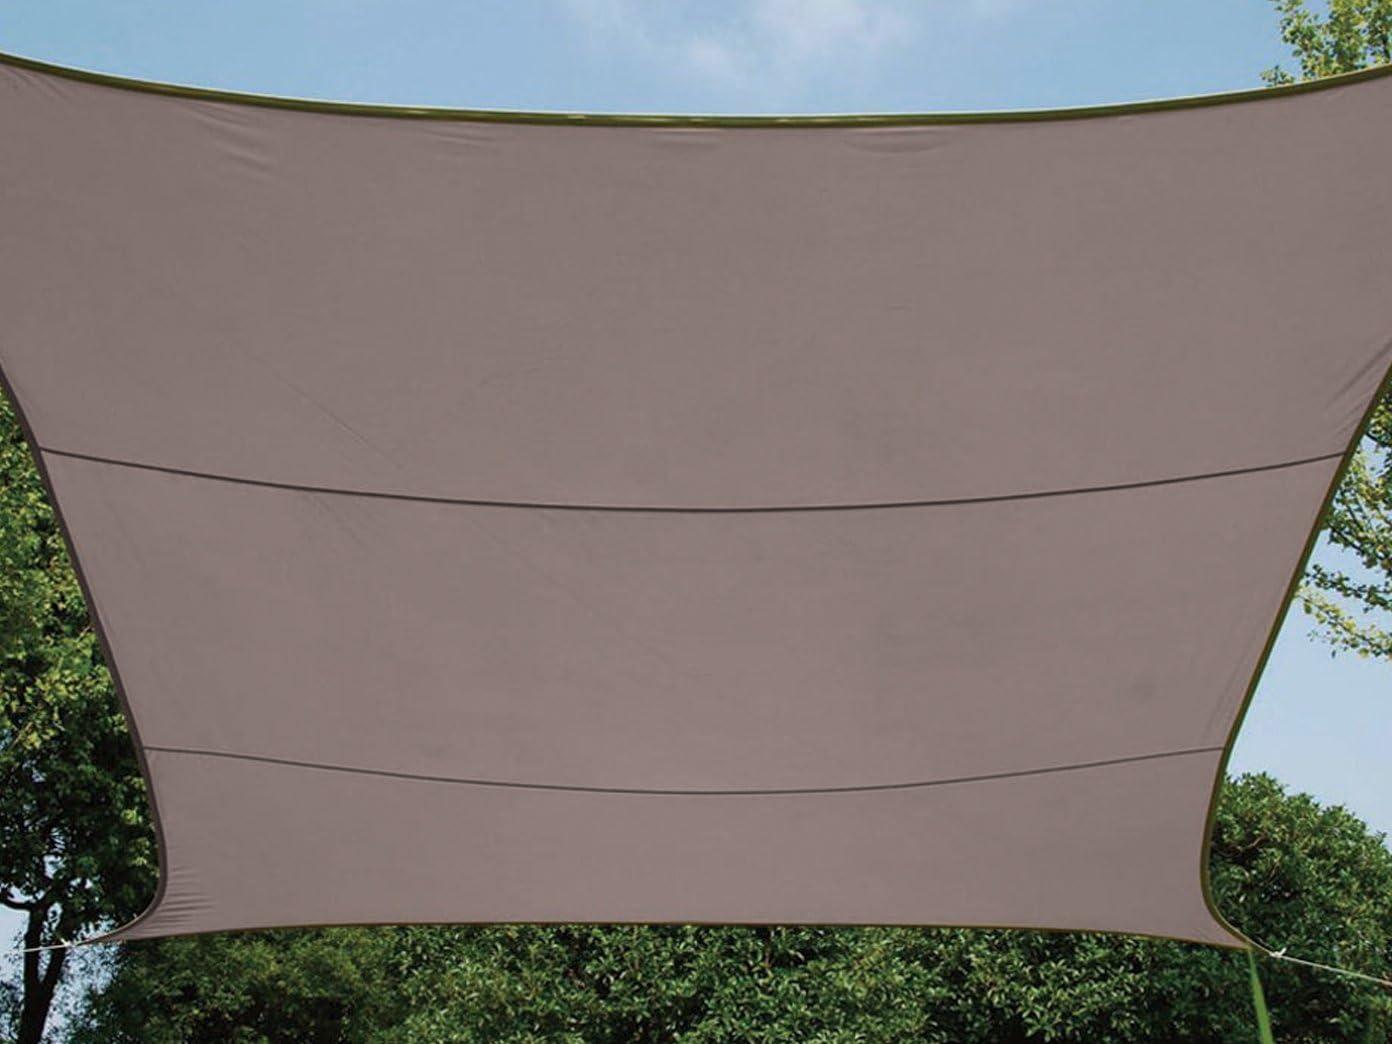 Velleman Vela de Sombra, Gris, 46x37x3 cm, GSS4320TA